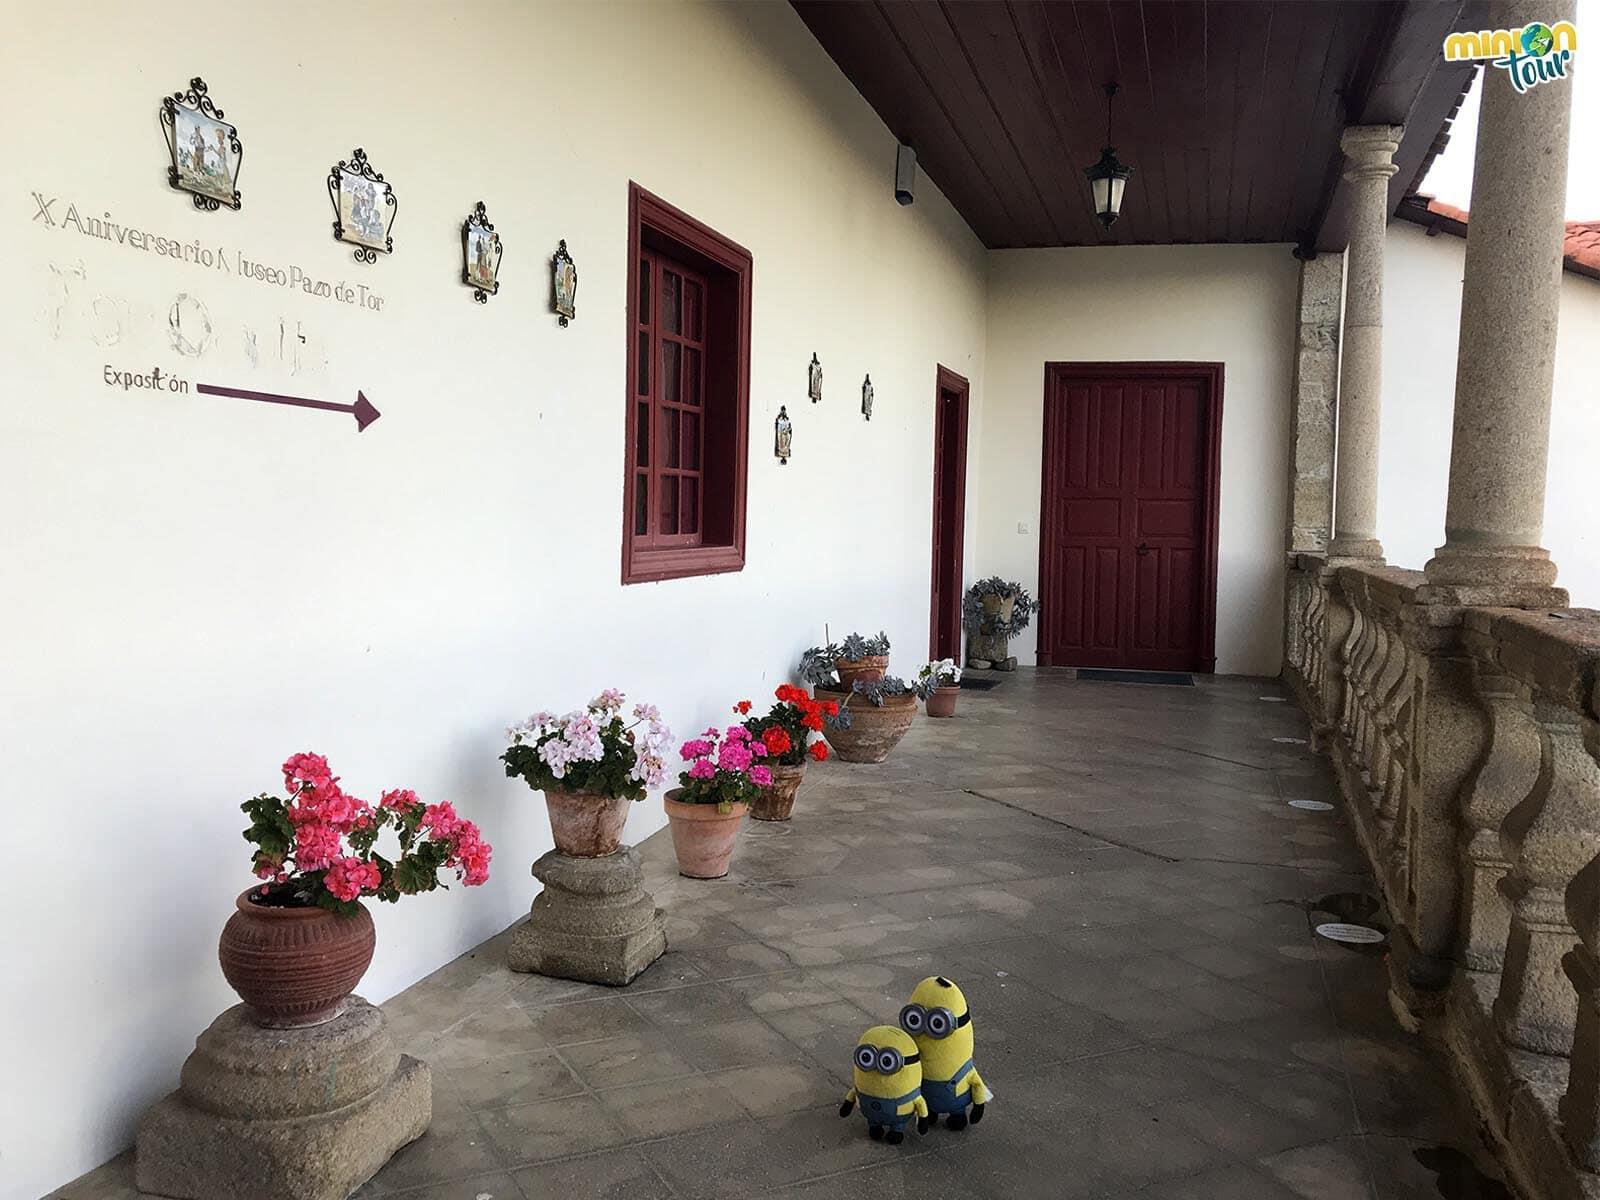 Vamos a visitar uno de los pazos mejor conservados de Galicia